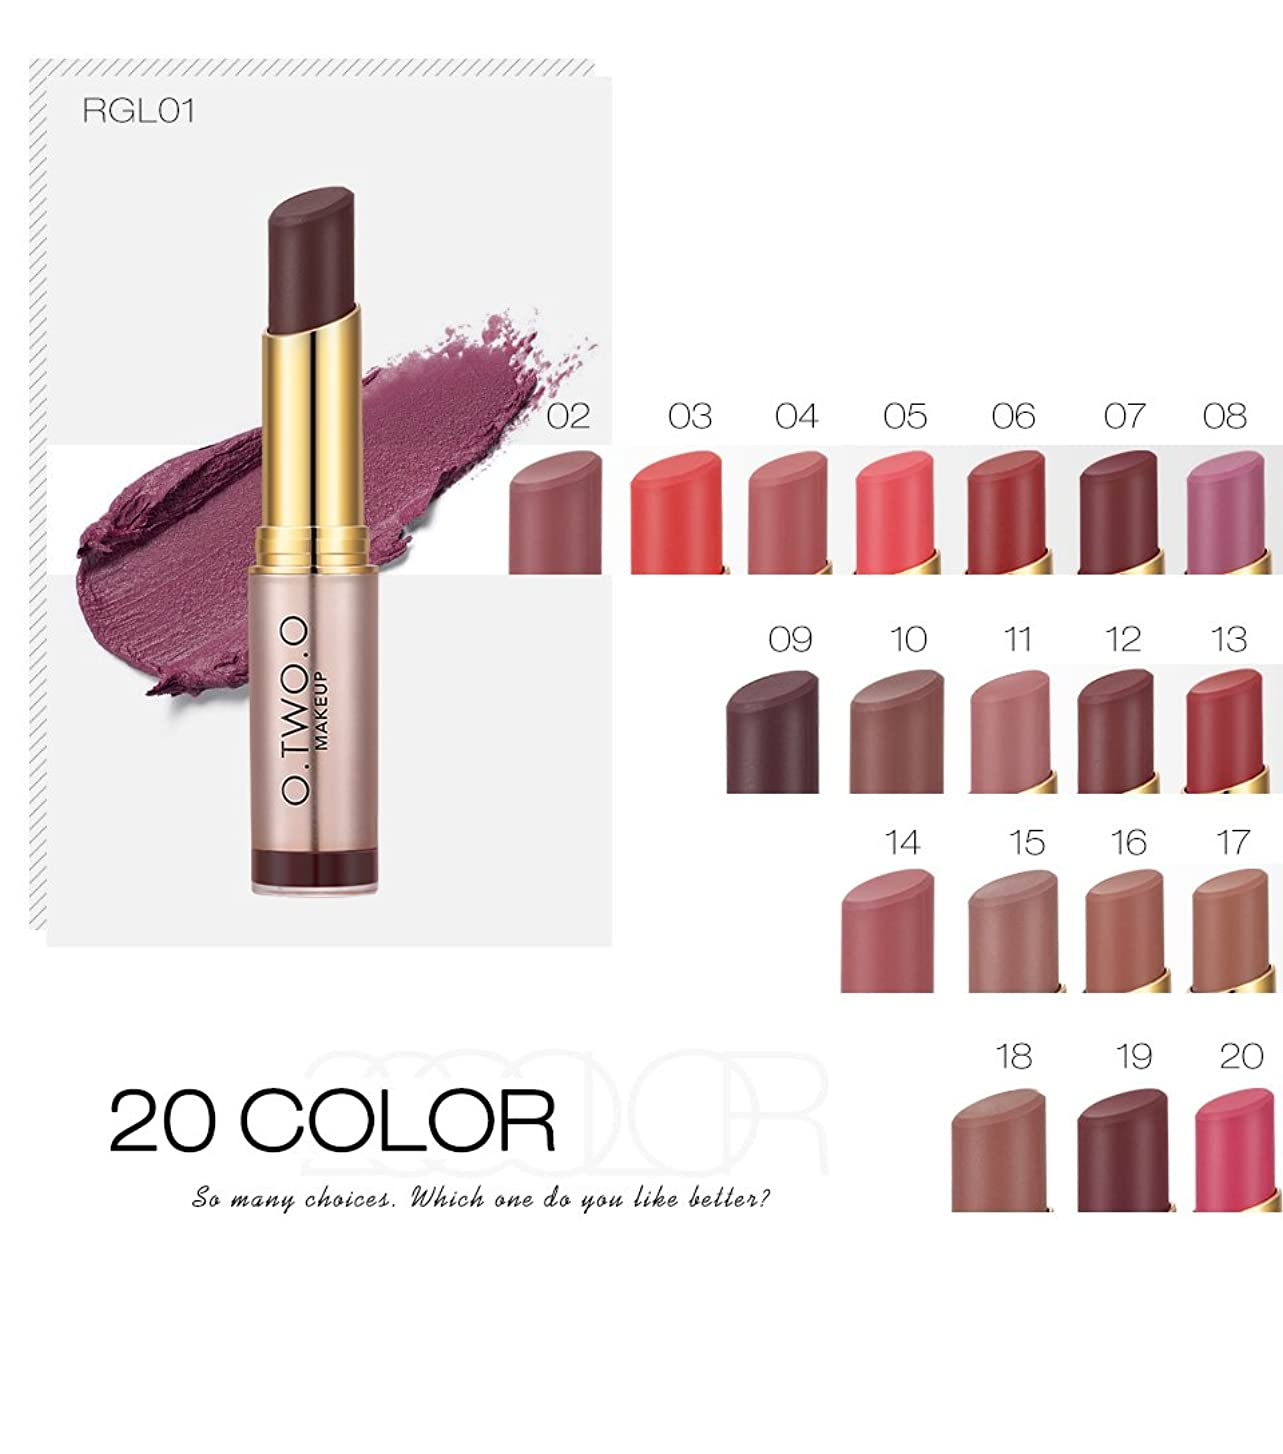 ローンさておき病気だと思う(RGL12) Brand Wholesale Beauty Makeup Lipstick Popular Colors Best Seller Long Lasting Lip Kit Matte Lip Cosmetics